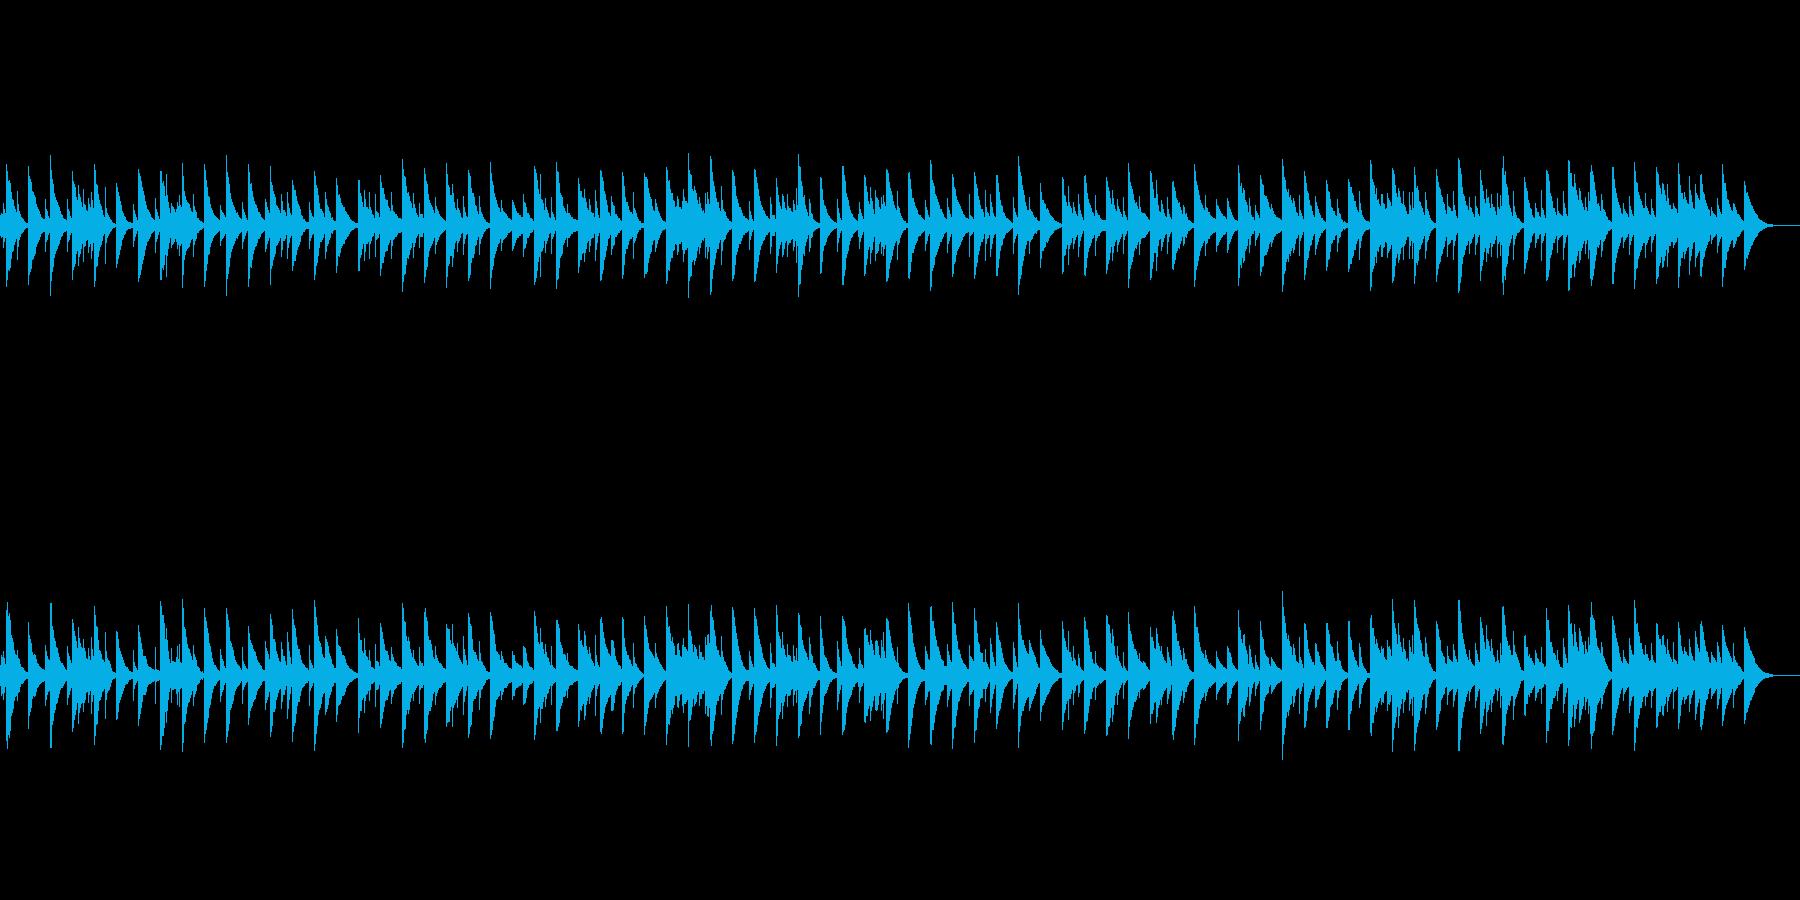 ヒーリング系癒やしのオールゴール楽曲の再生済みの波形